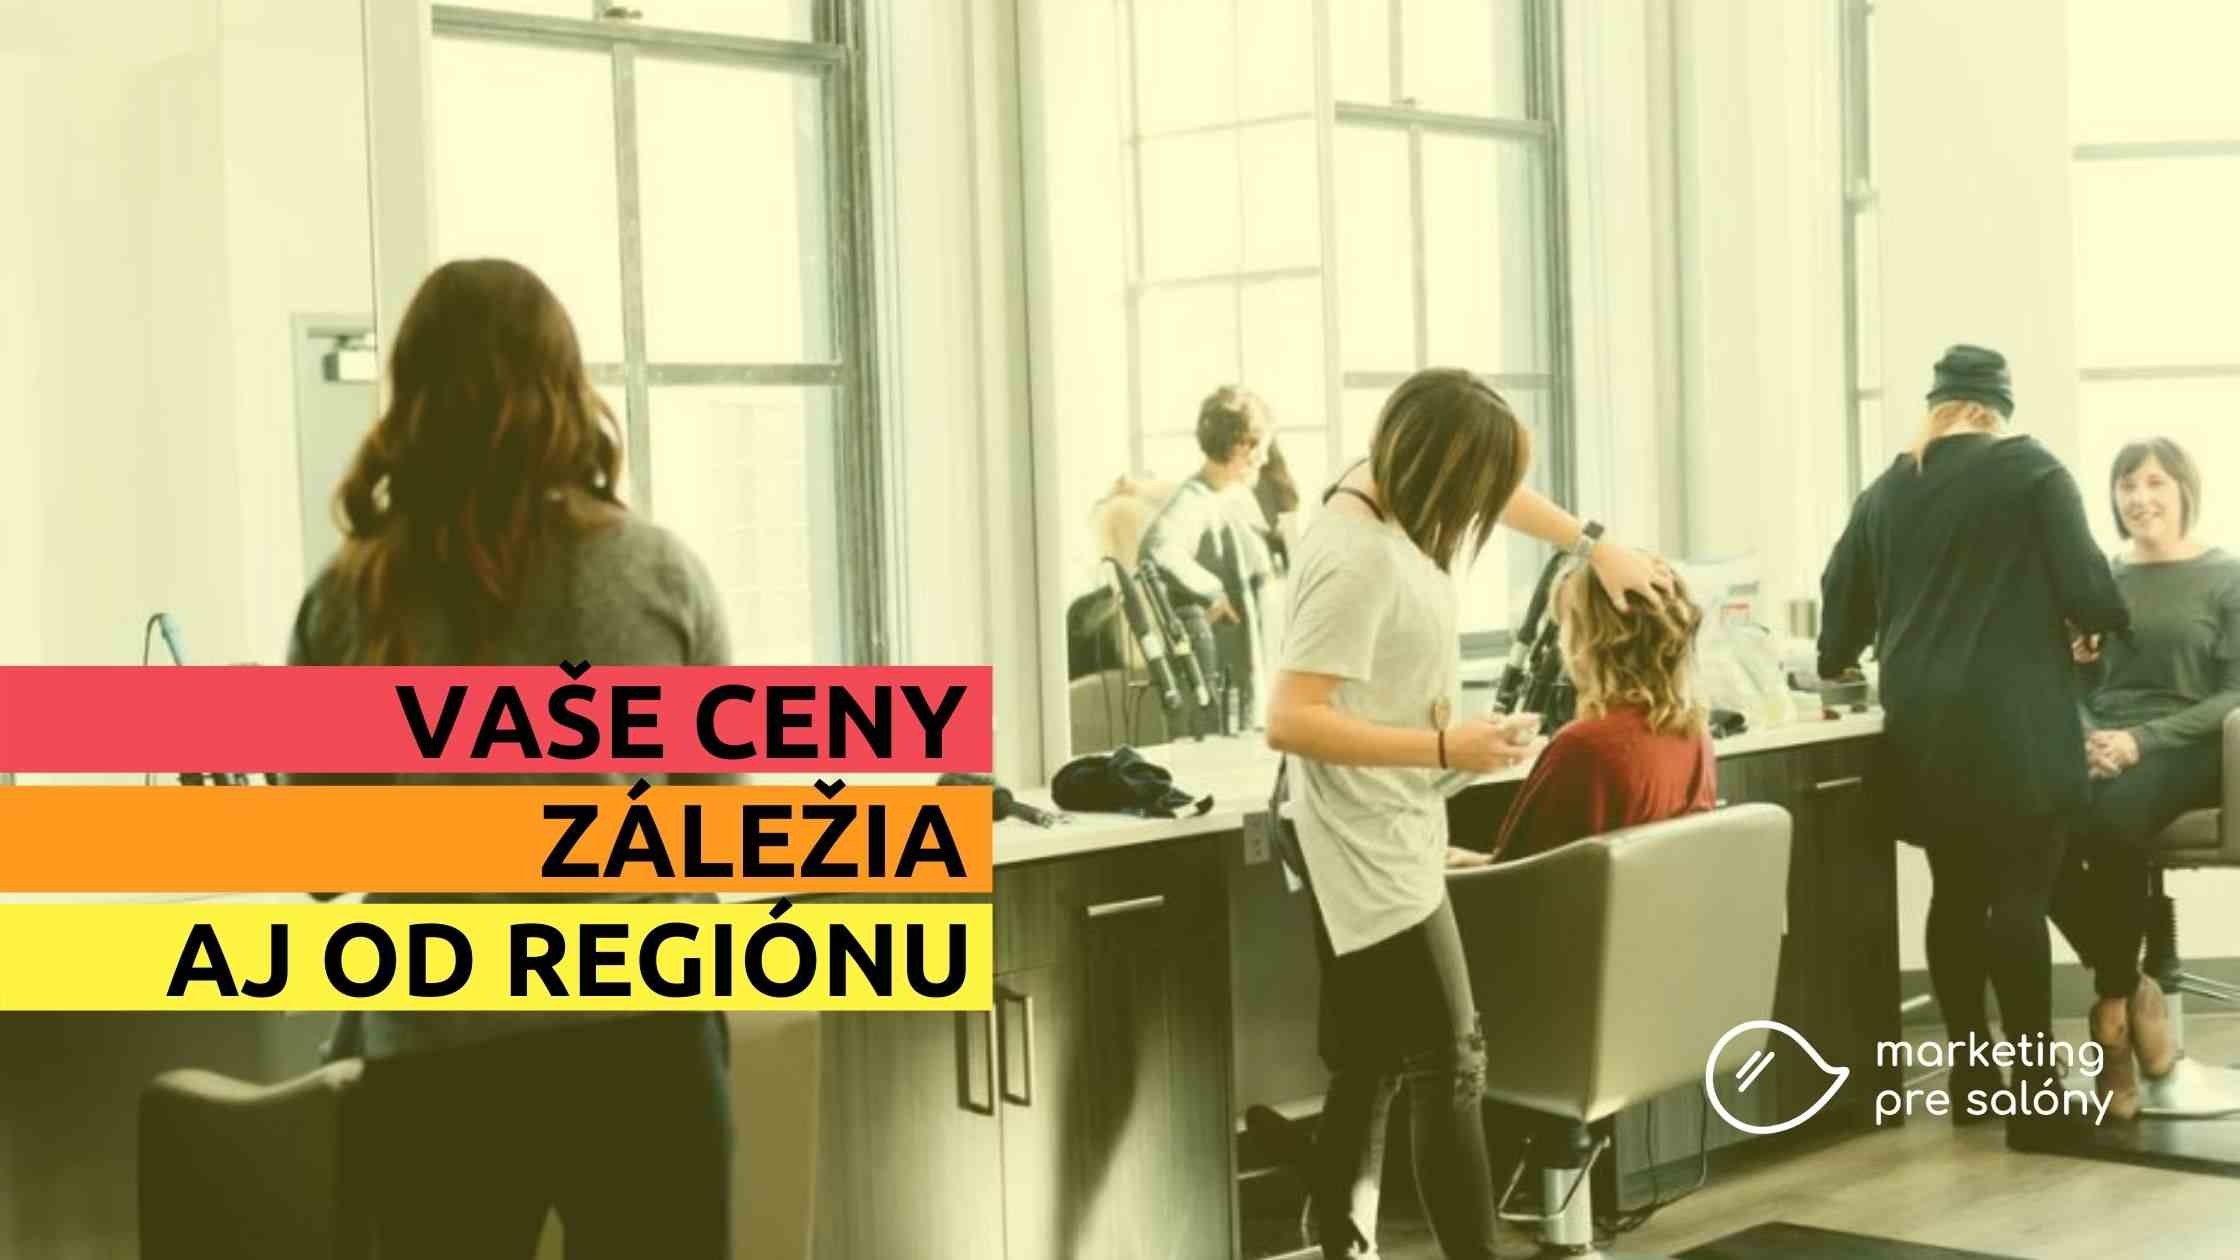 Ceny za beauty služby sa líšia v závislosti od regiónu